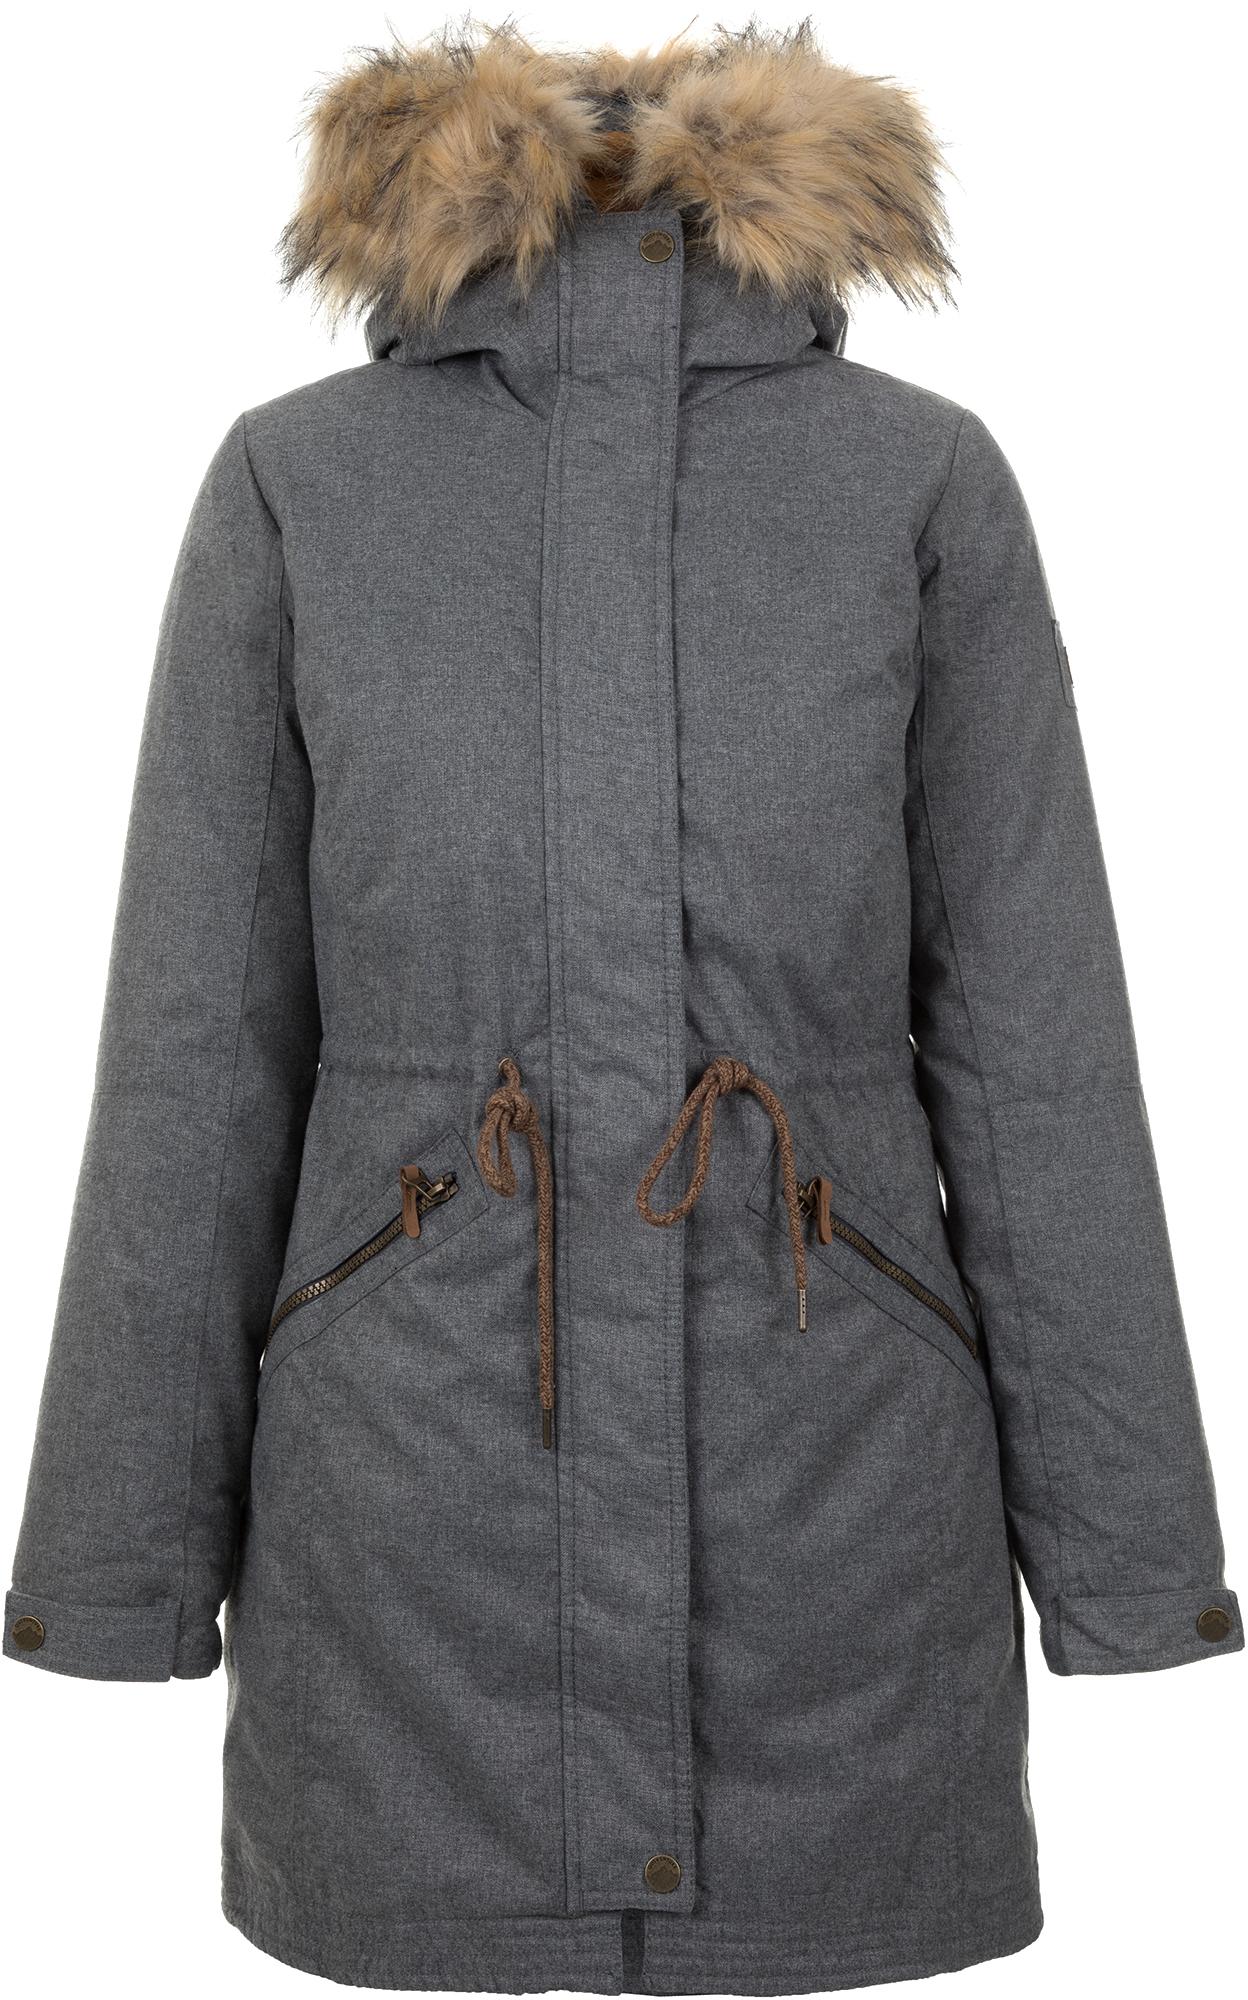 Outventure Куртка 3 в 1 женская Outventure, размер 52 outventure куртка 3 в 1 женская outventure размер 52